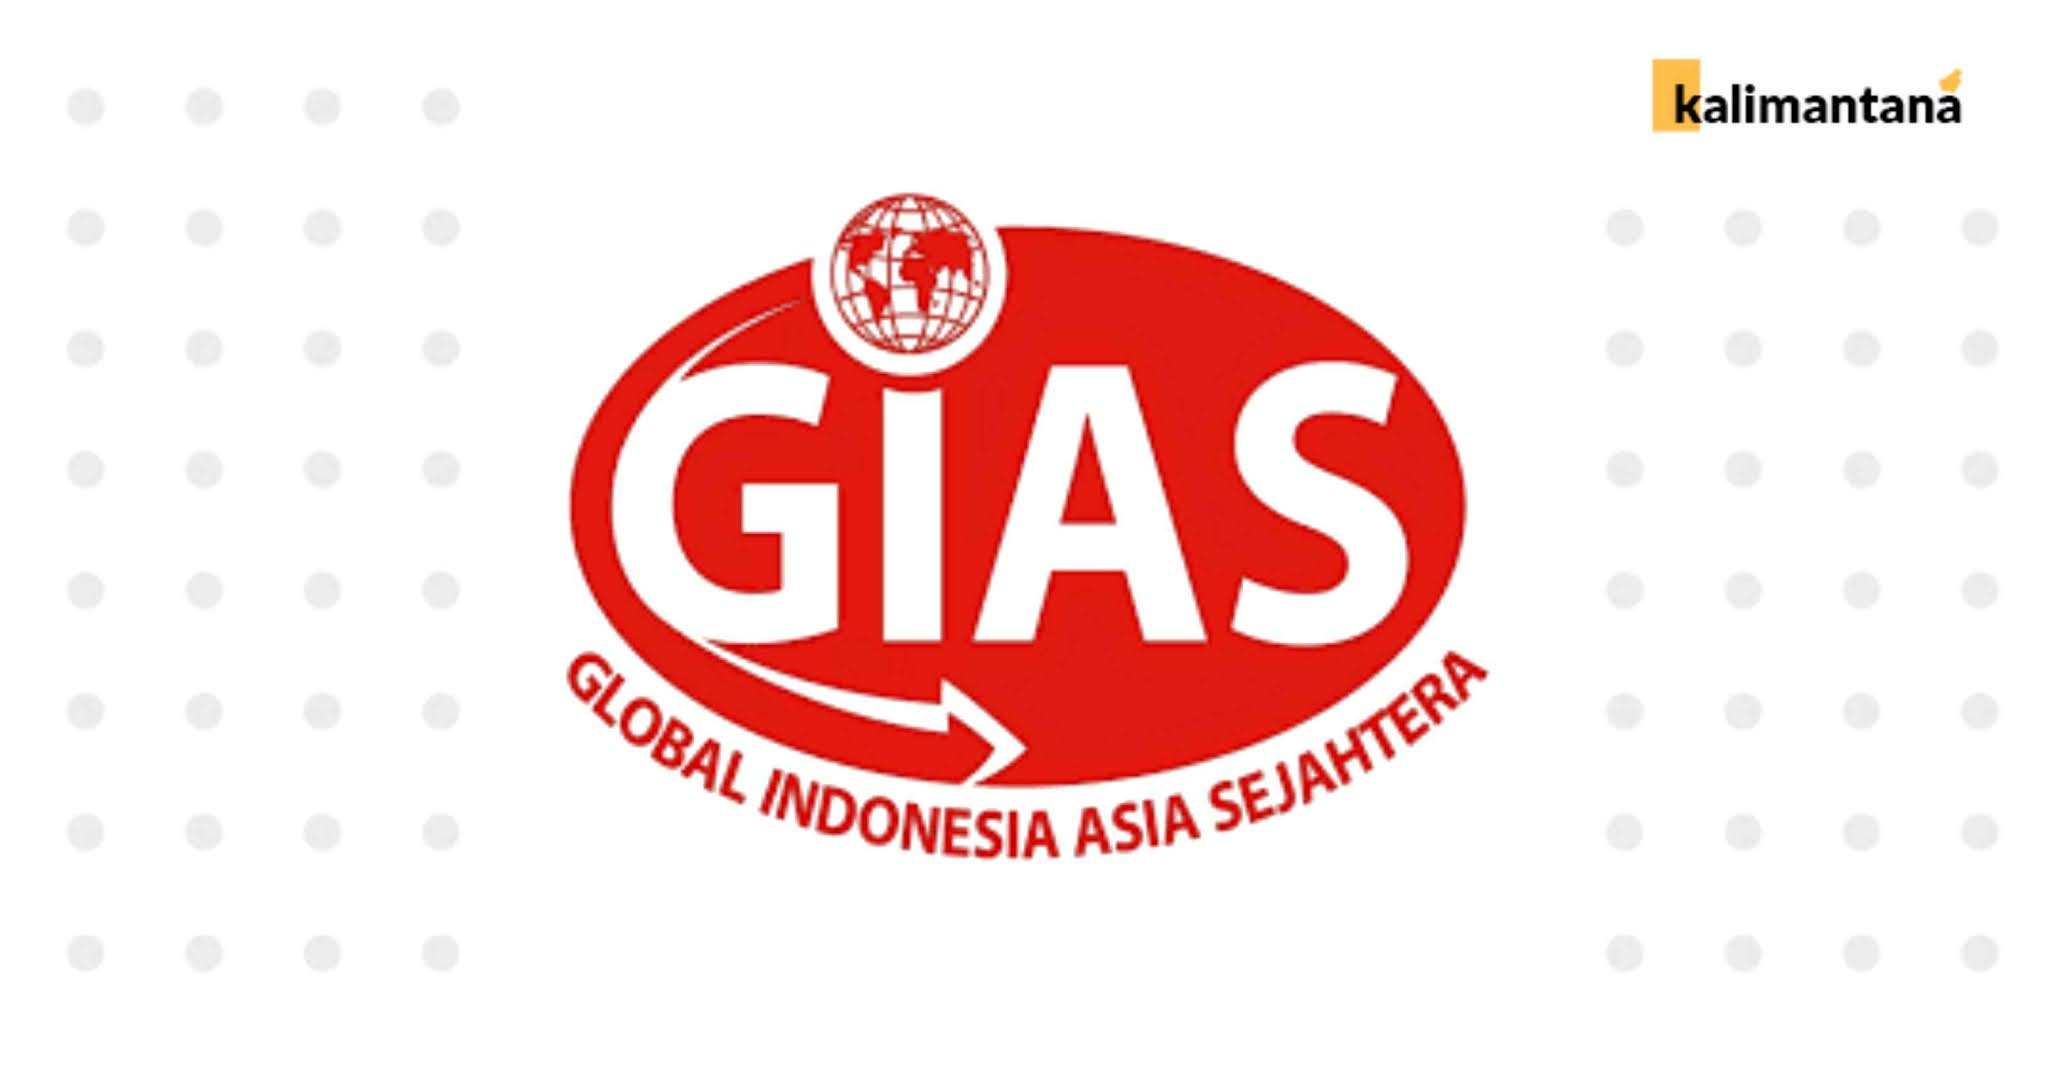 Lowongan Kerja PT Global Indonesia Asia Sejahtera (GIAS) - Kalimantan Selatan